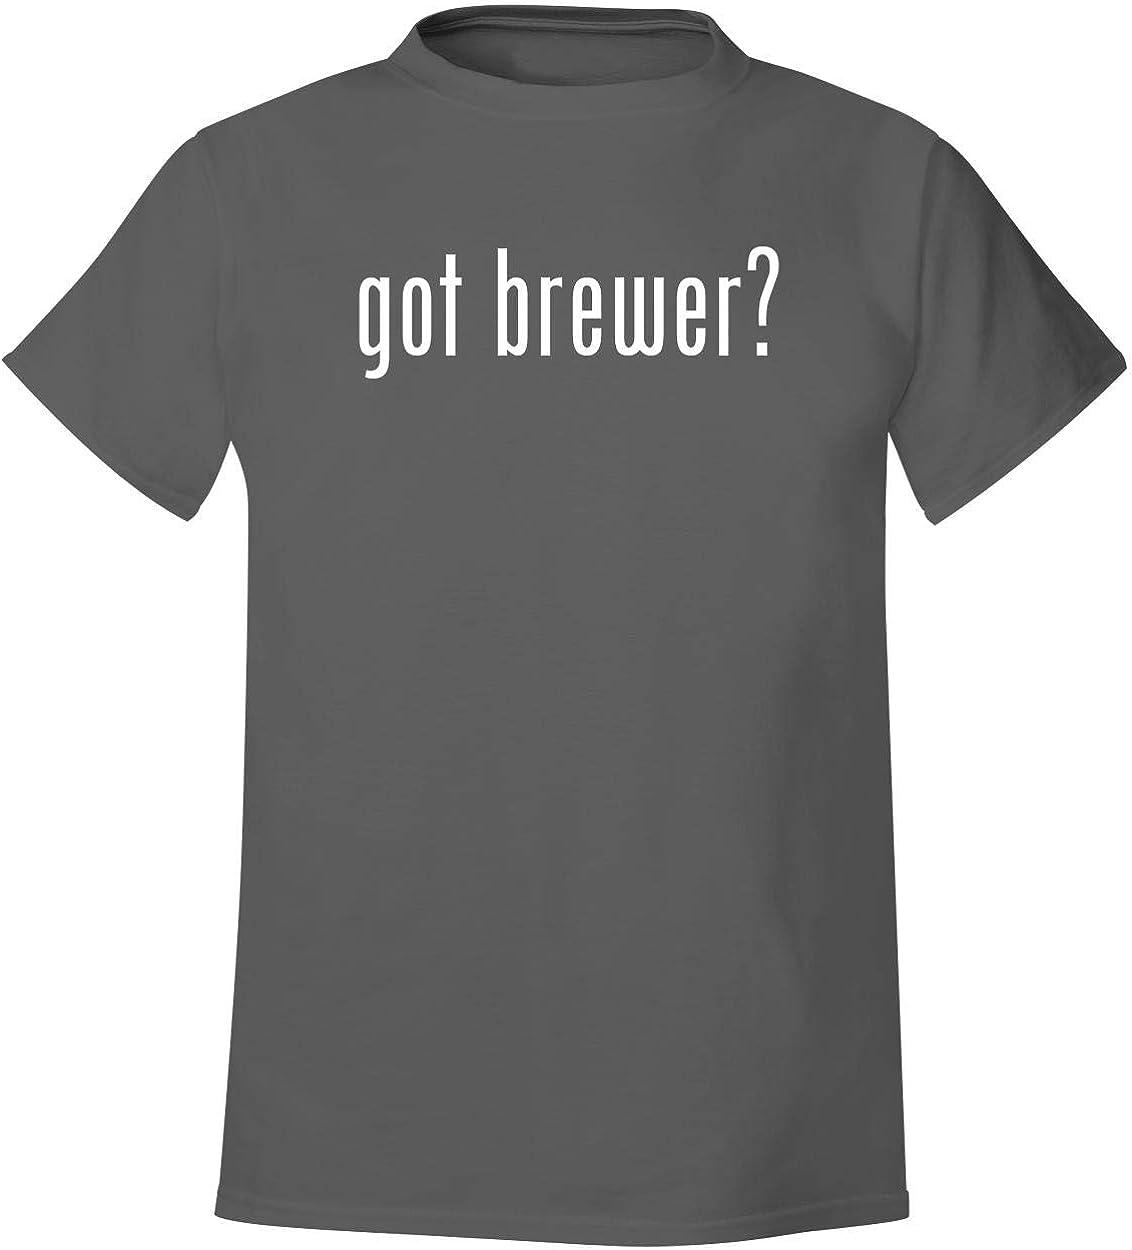 got brewer? - Men's Soft & Comfortable T-Shirt